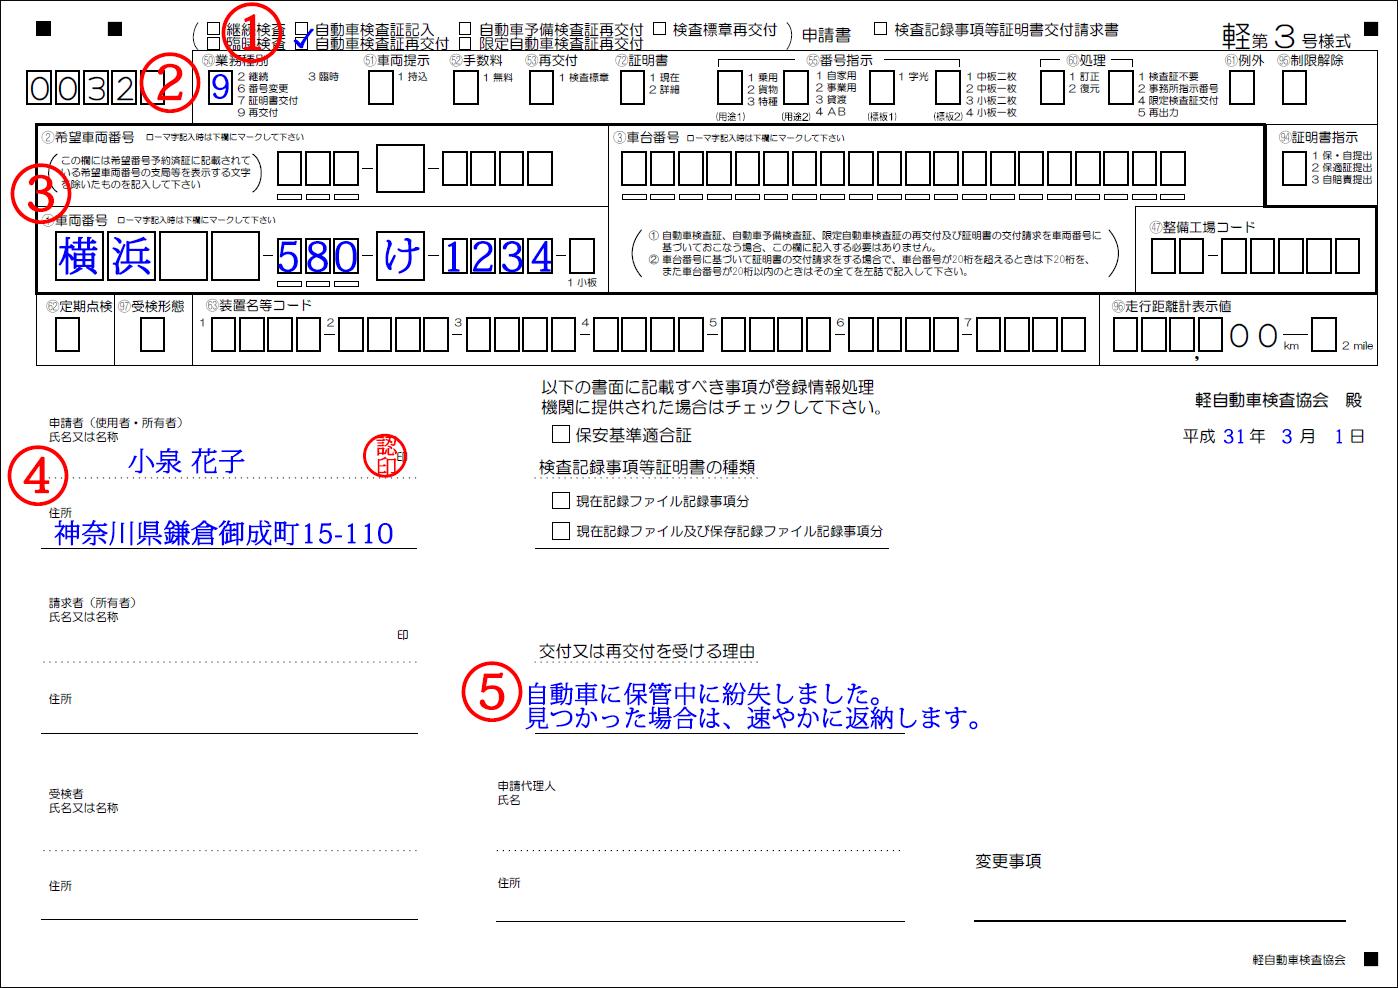 軽自動車検査証再交付申請書記入例